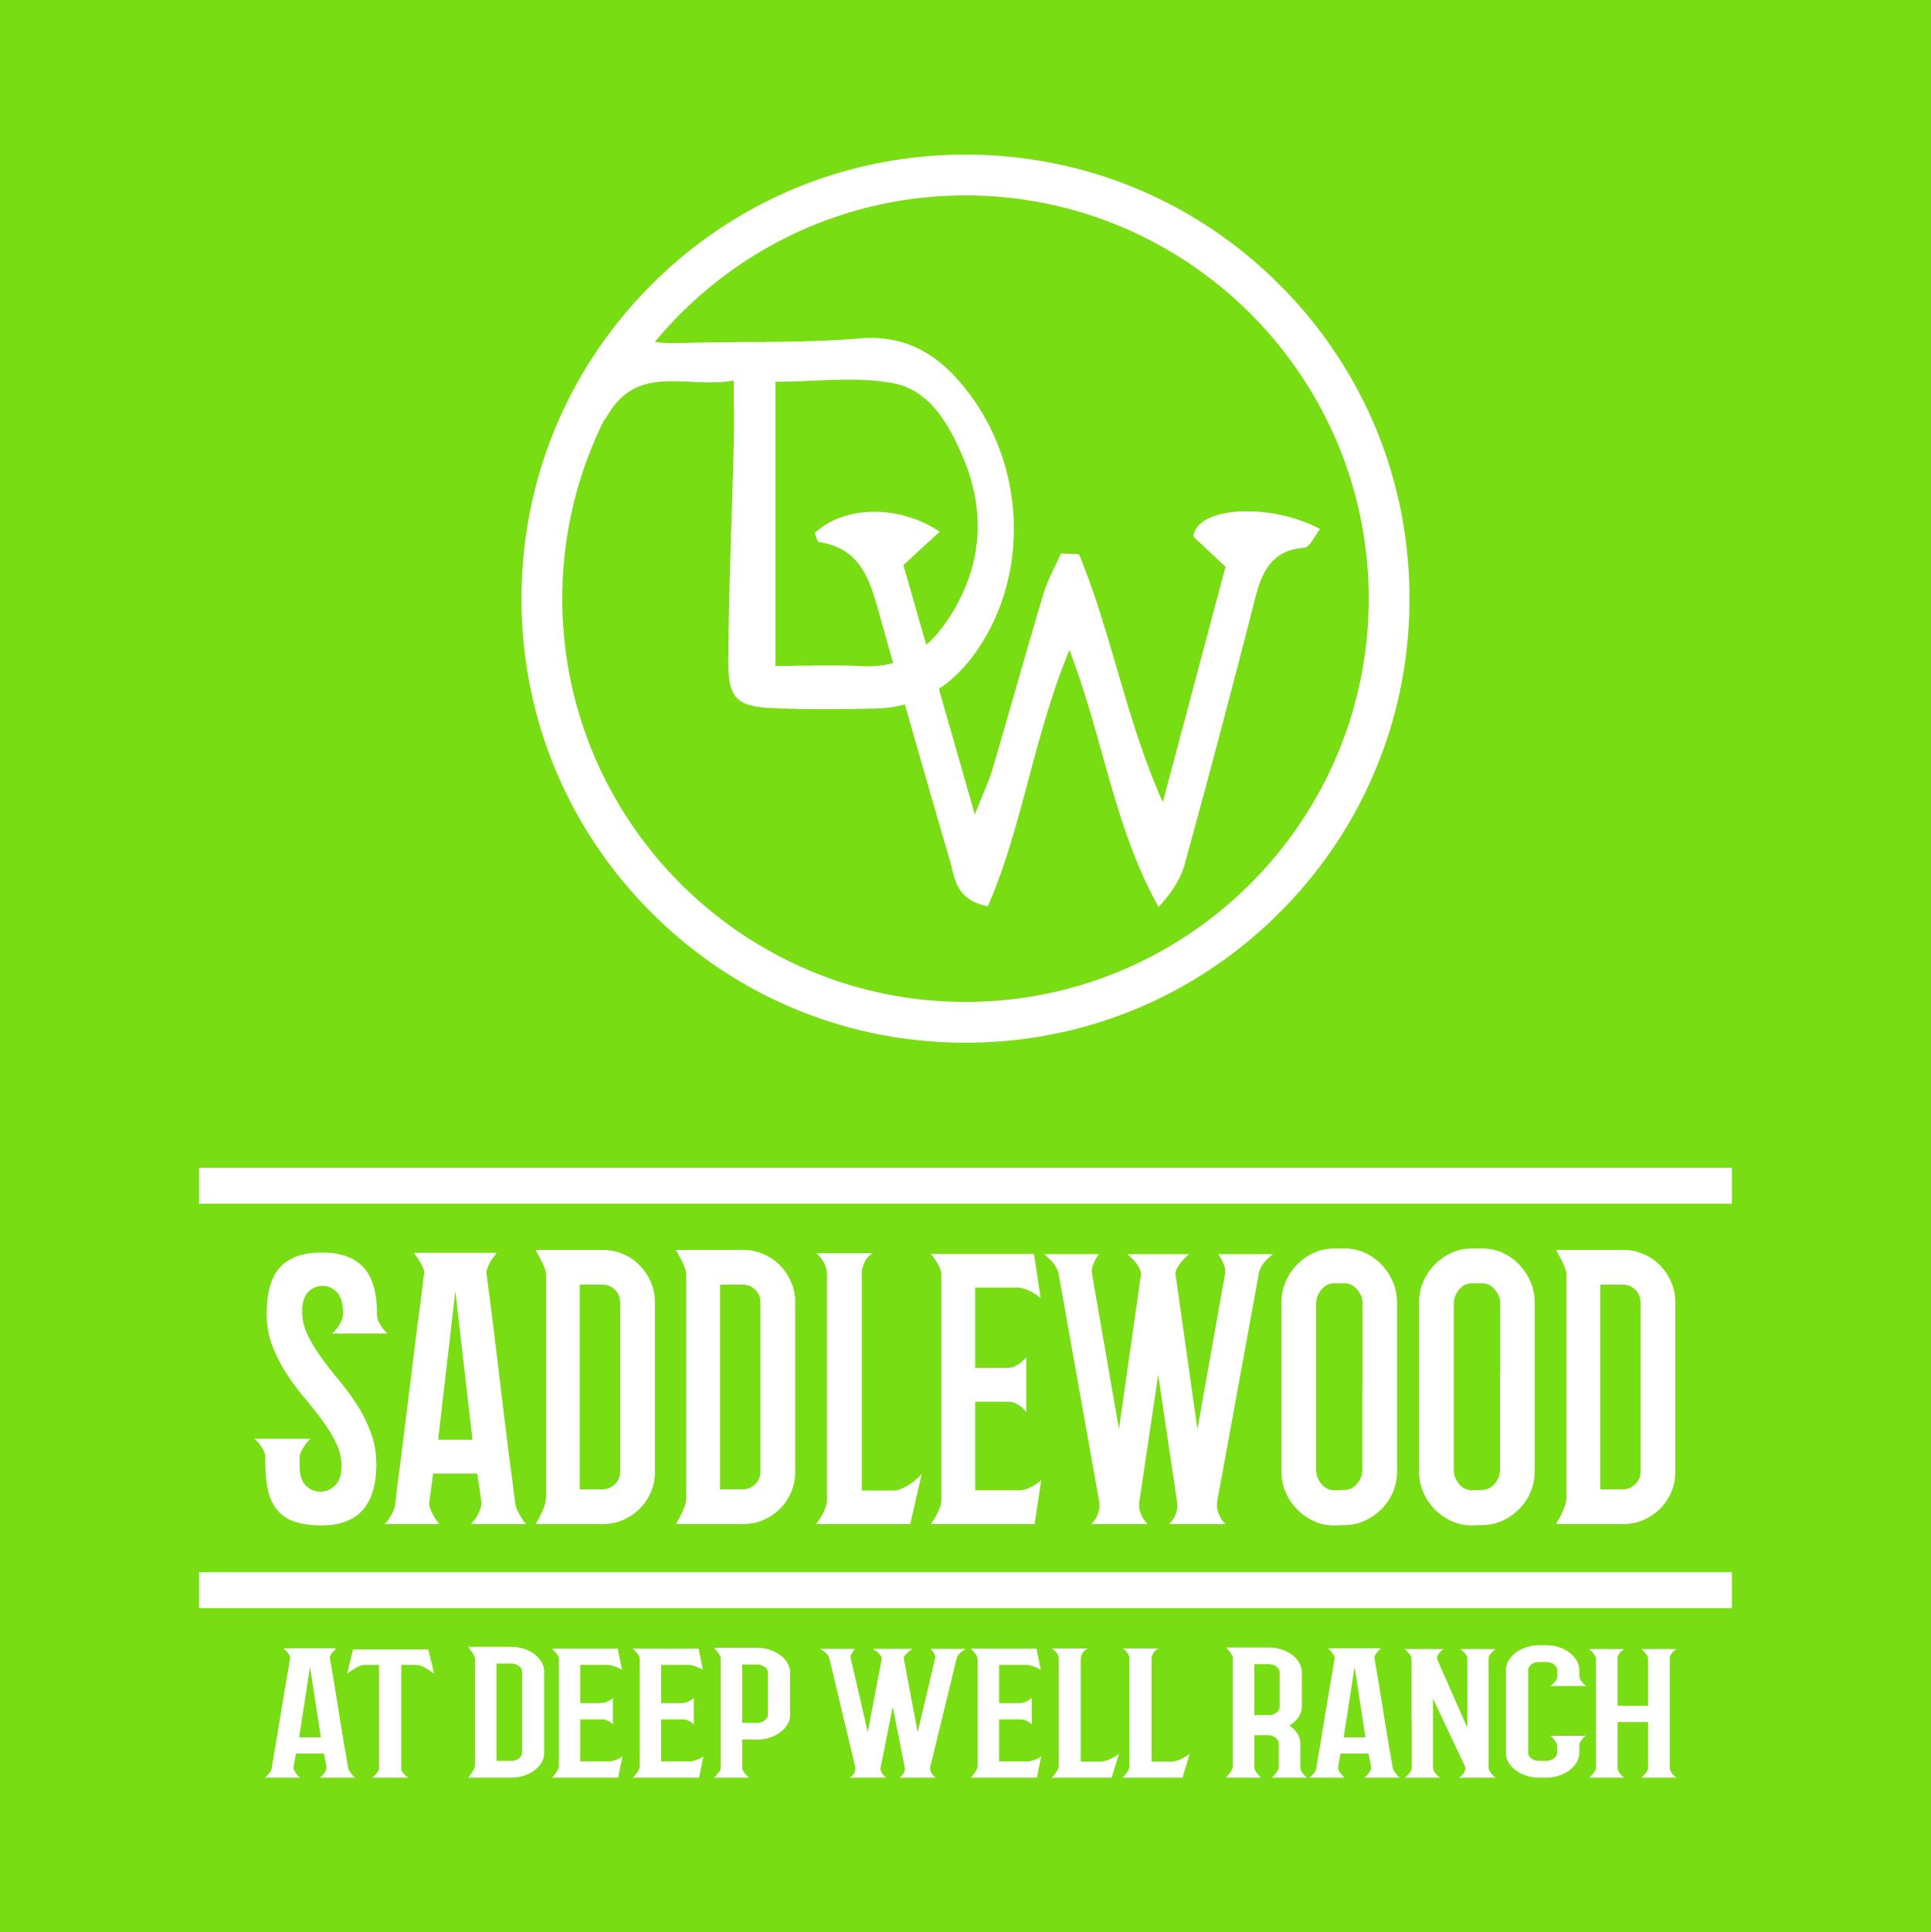 DW Saddlewood_green.jpg